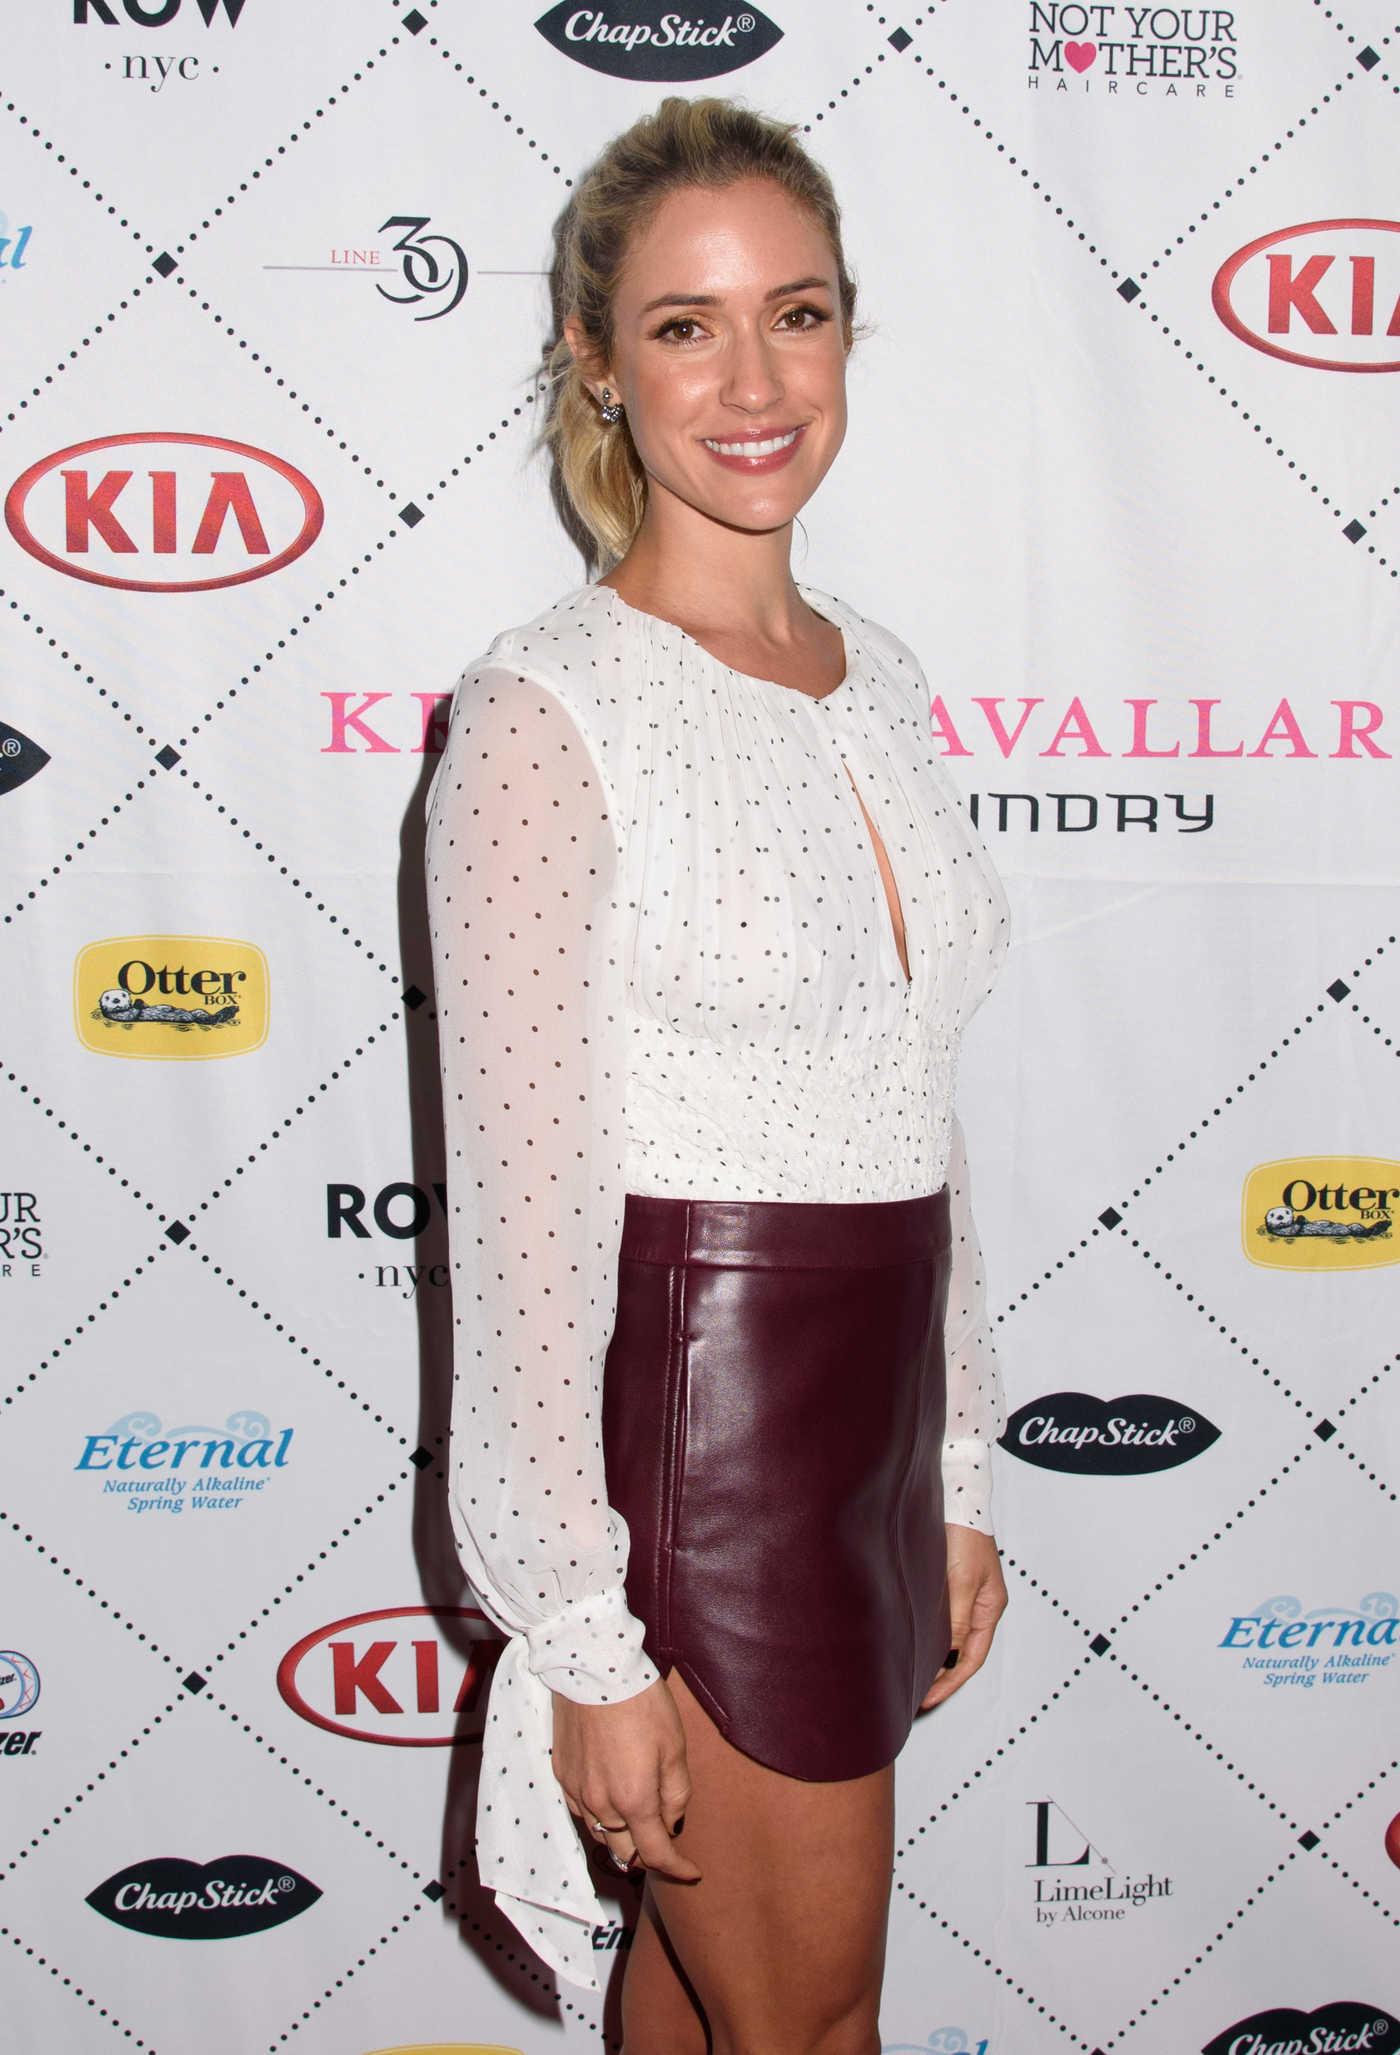 Kristin Cavallari at the Kia Style 360 Kristin Cavallari Fashion Presentation During New York Fashion Week 09/15/2016